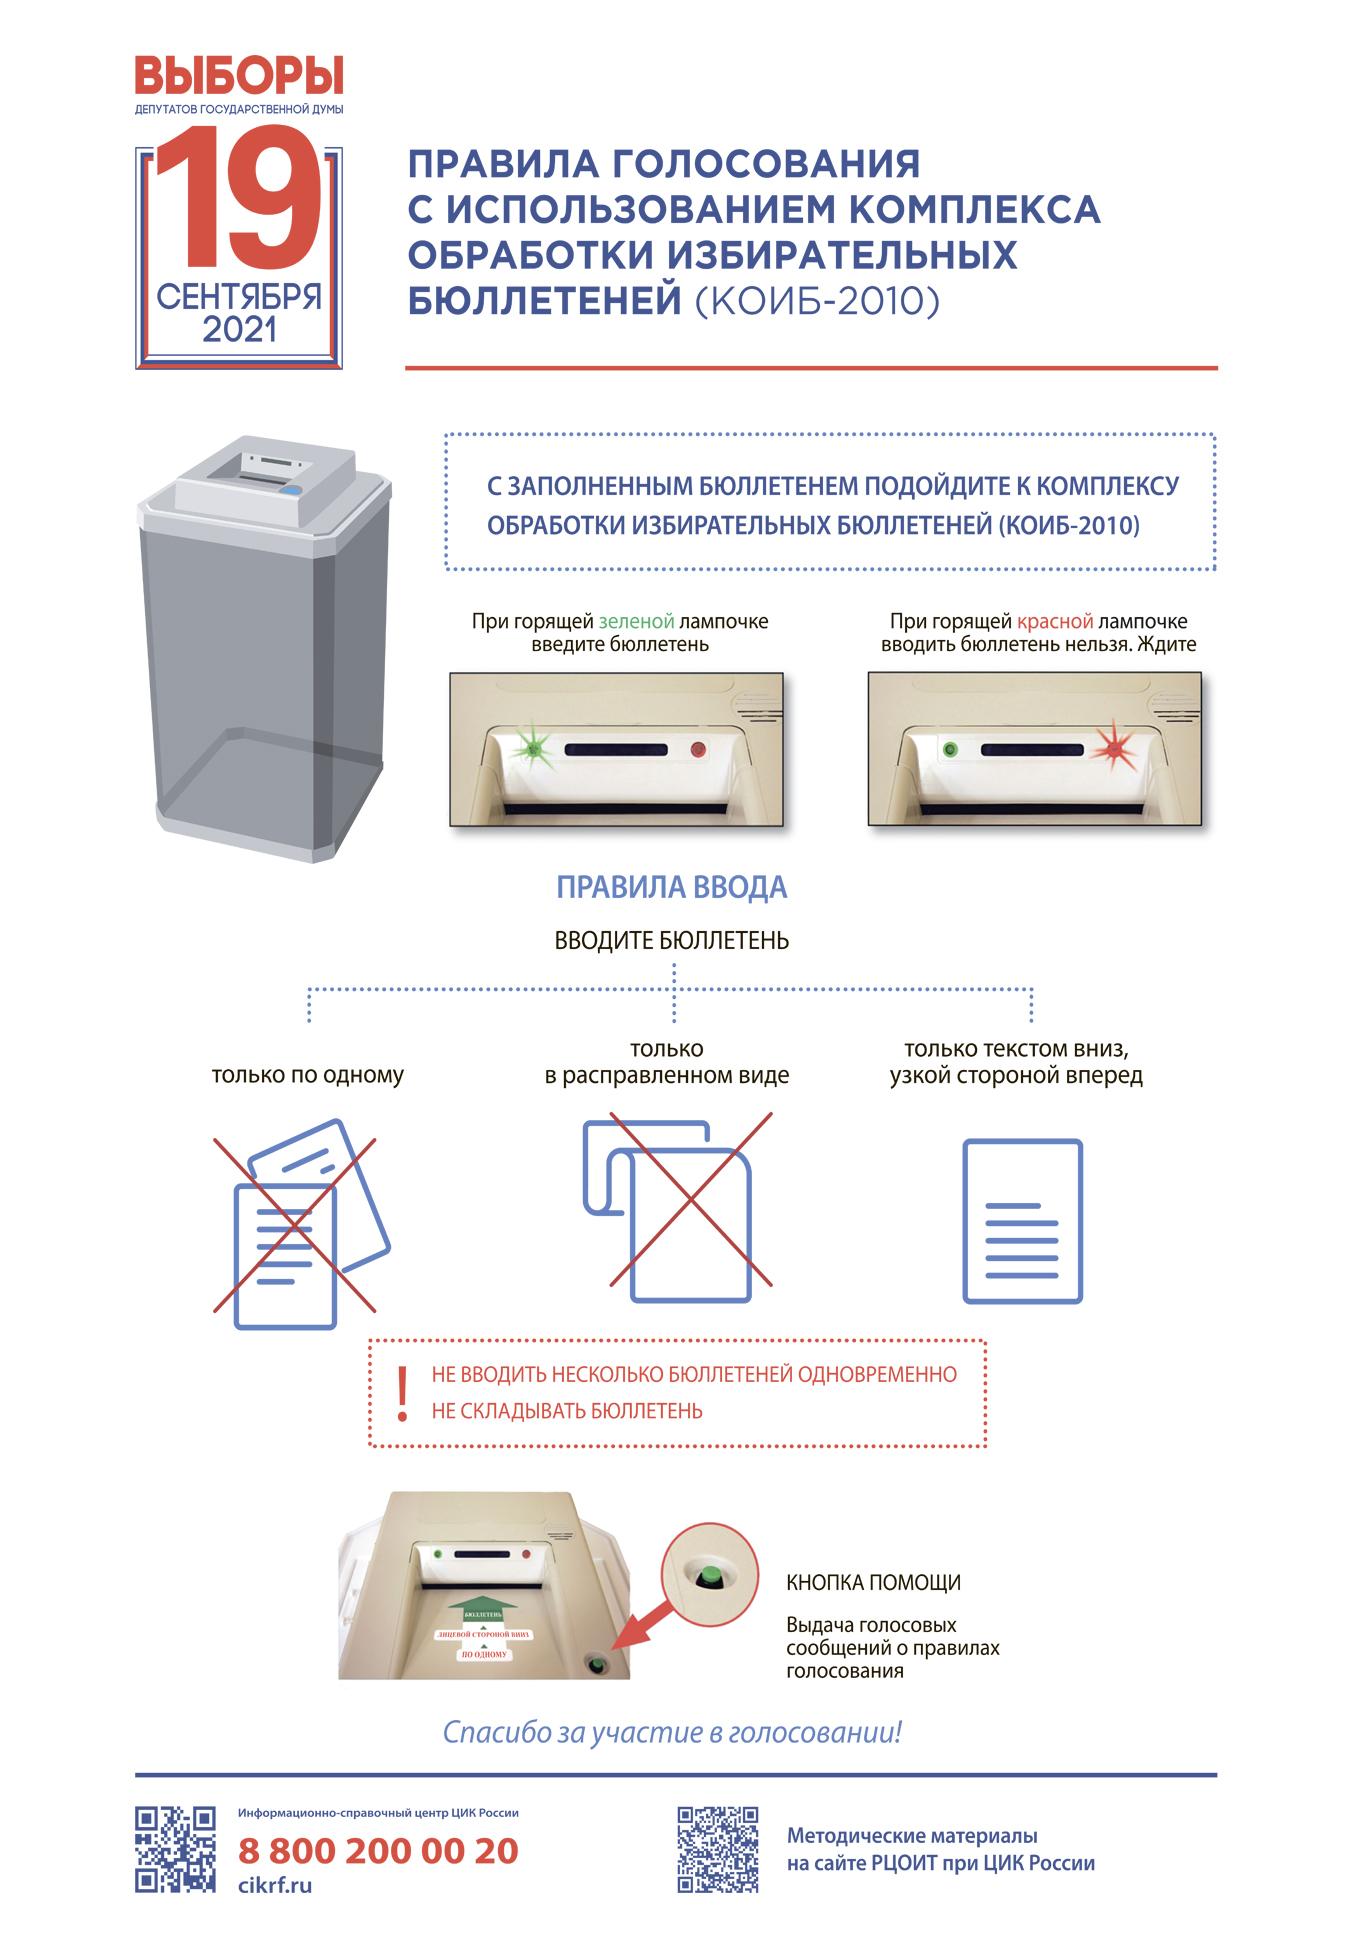 Правила голосования с КОИБ-2010